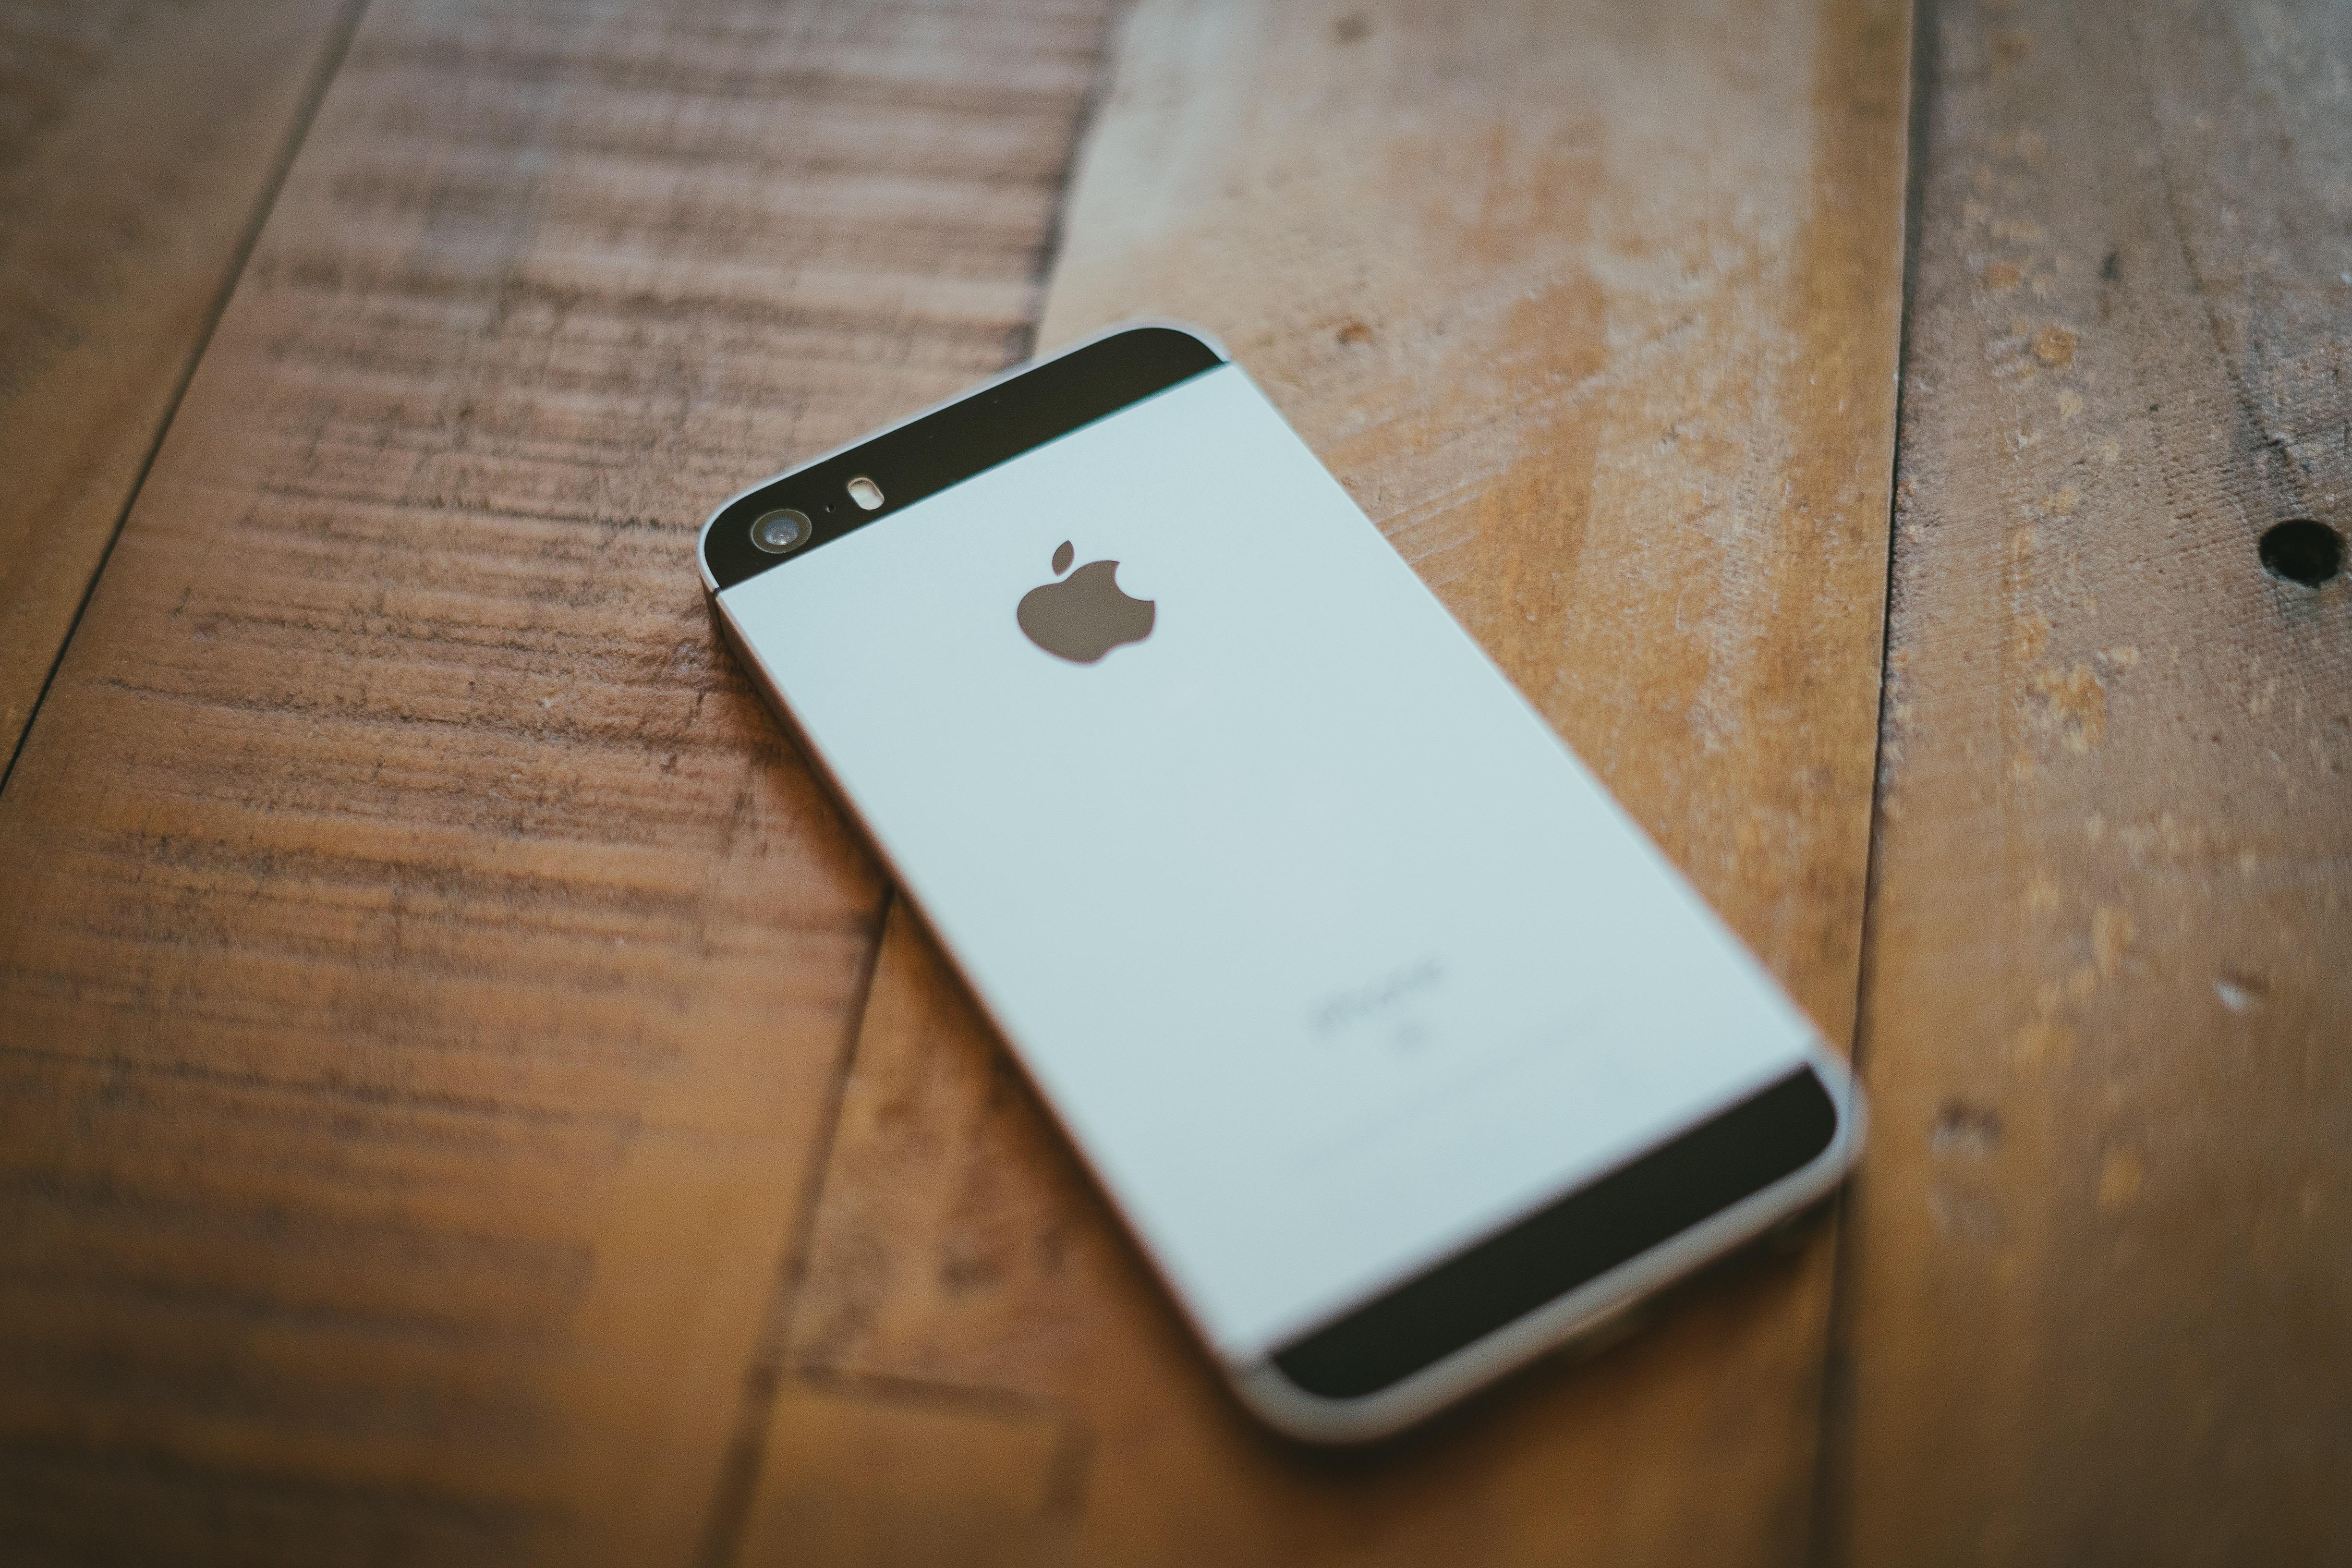 space gray iPhone 5s on brown wooden floor